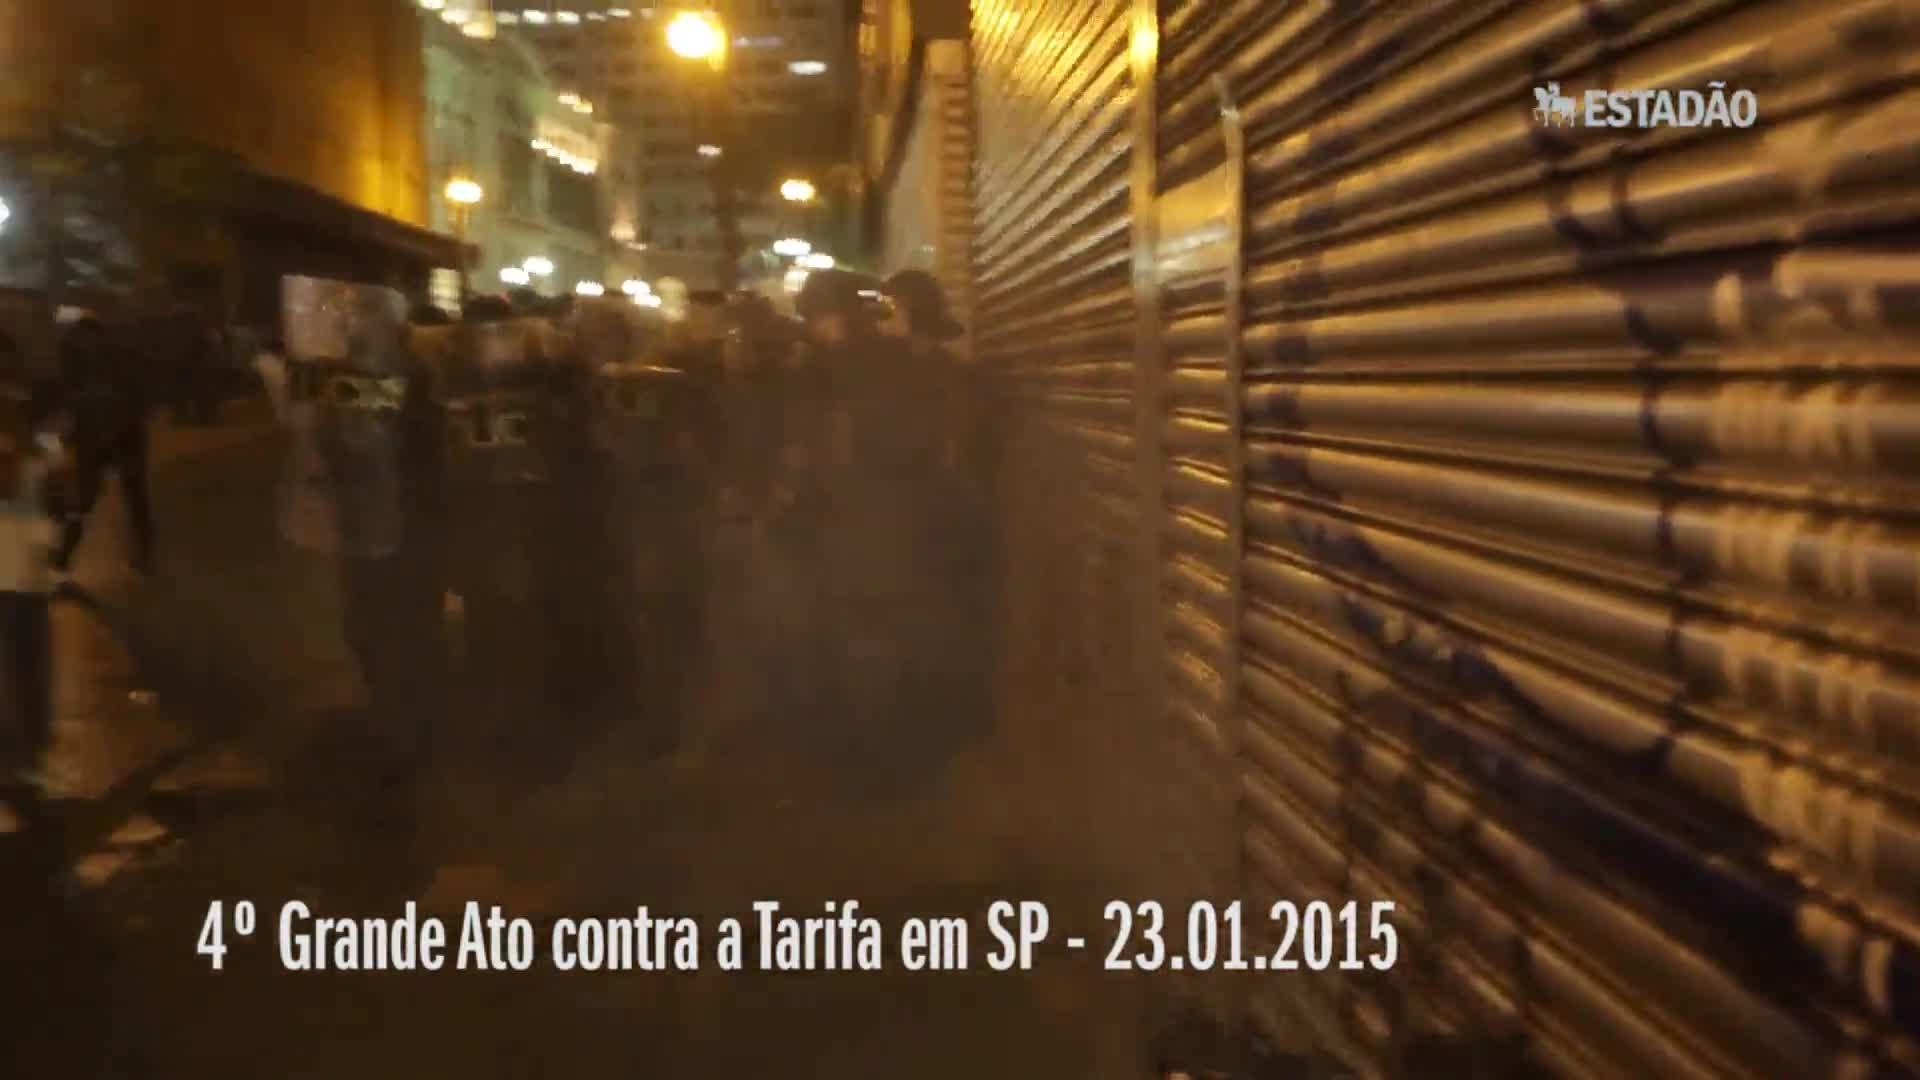 Mesmo sem ordem, policial dispara balas de borracha contra manifestantes